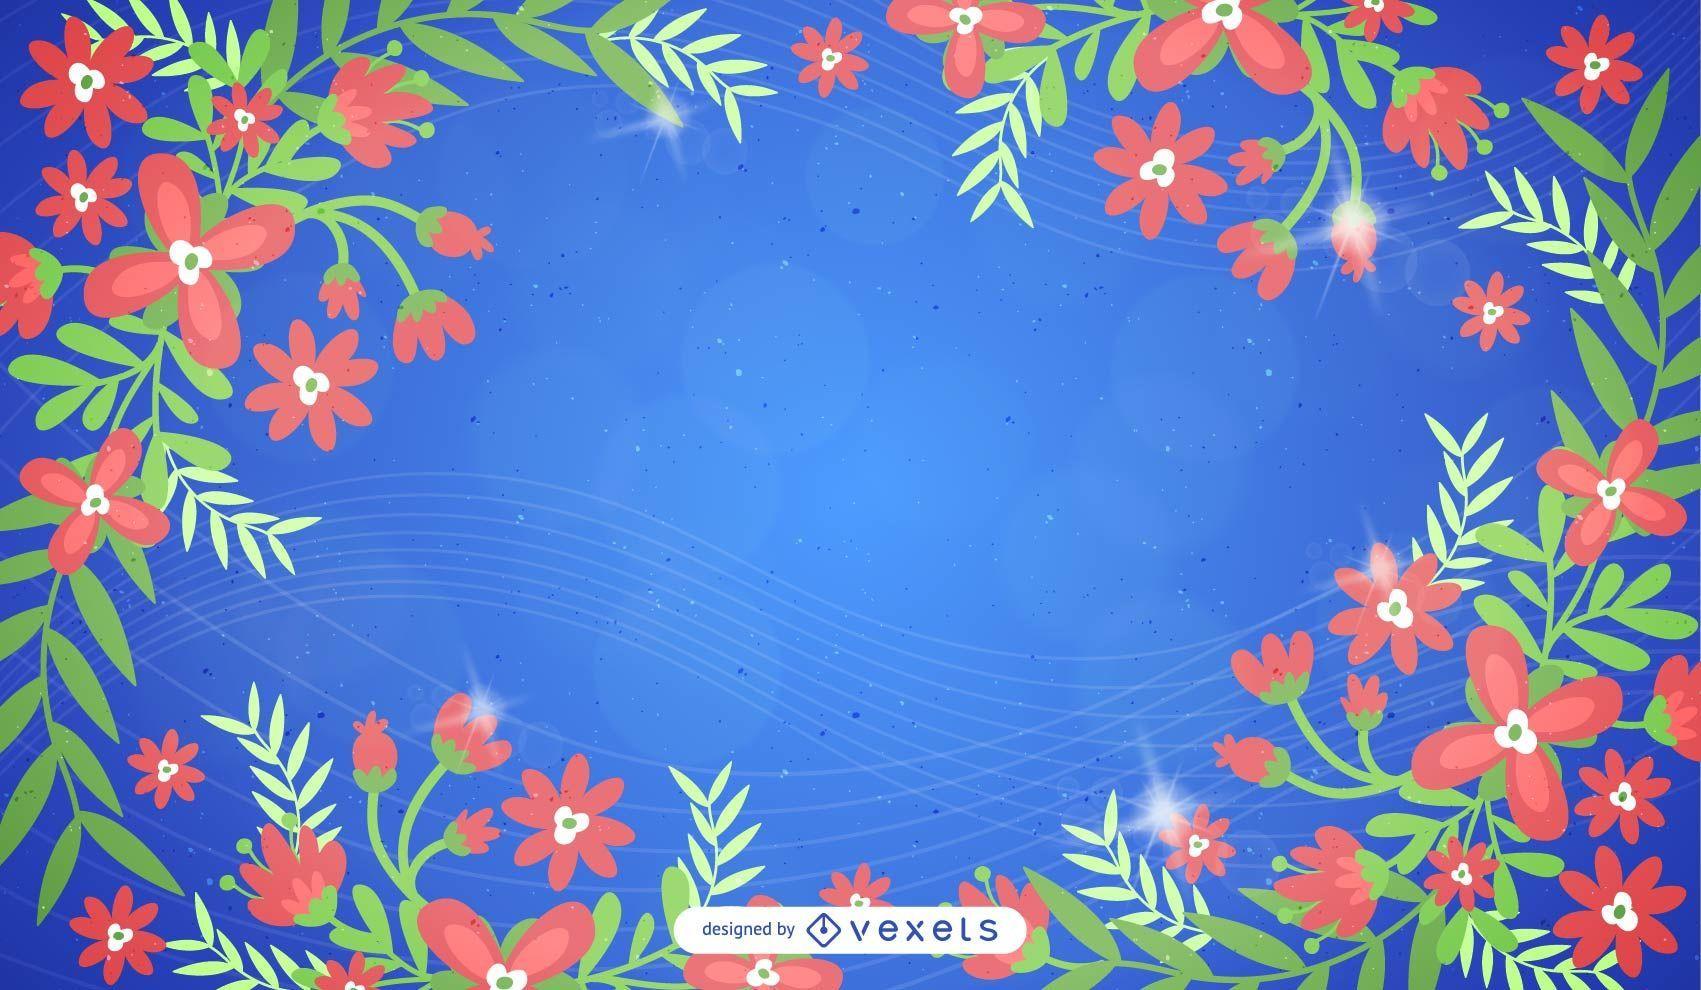 Swirling Floral Frame over Blue Light Background